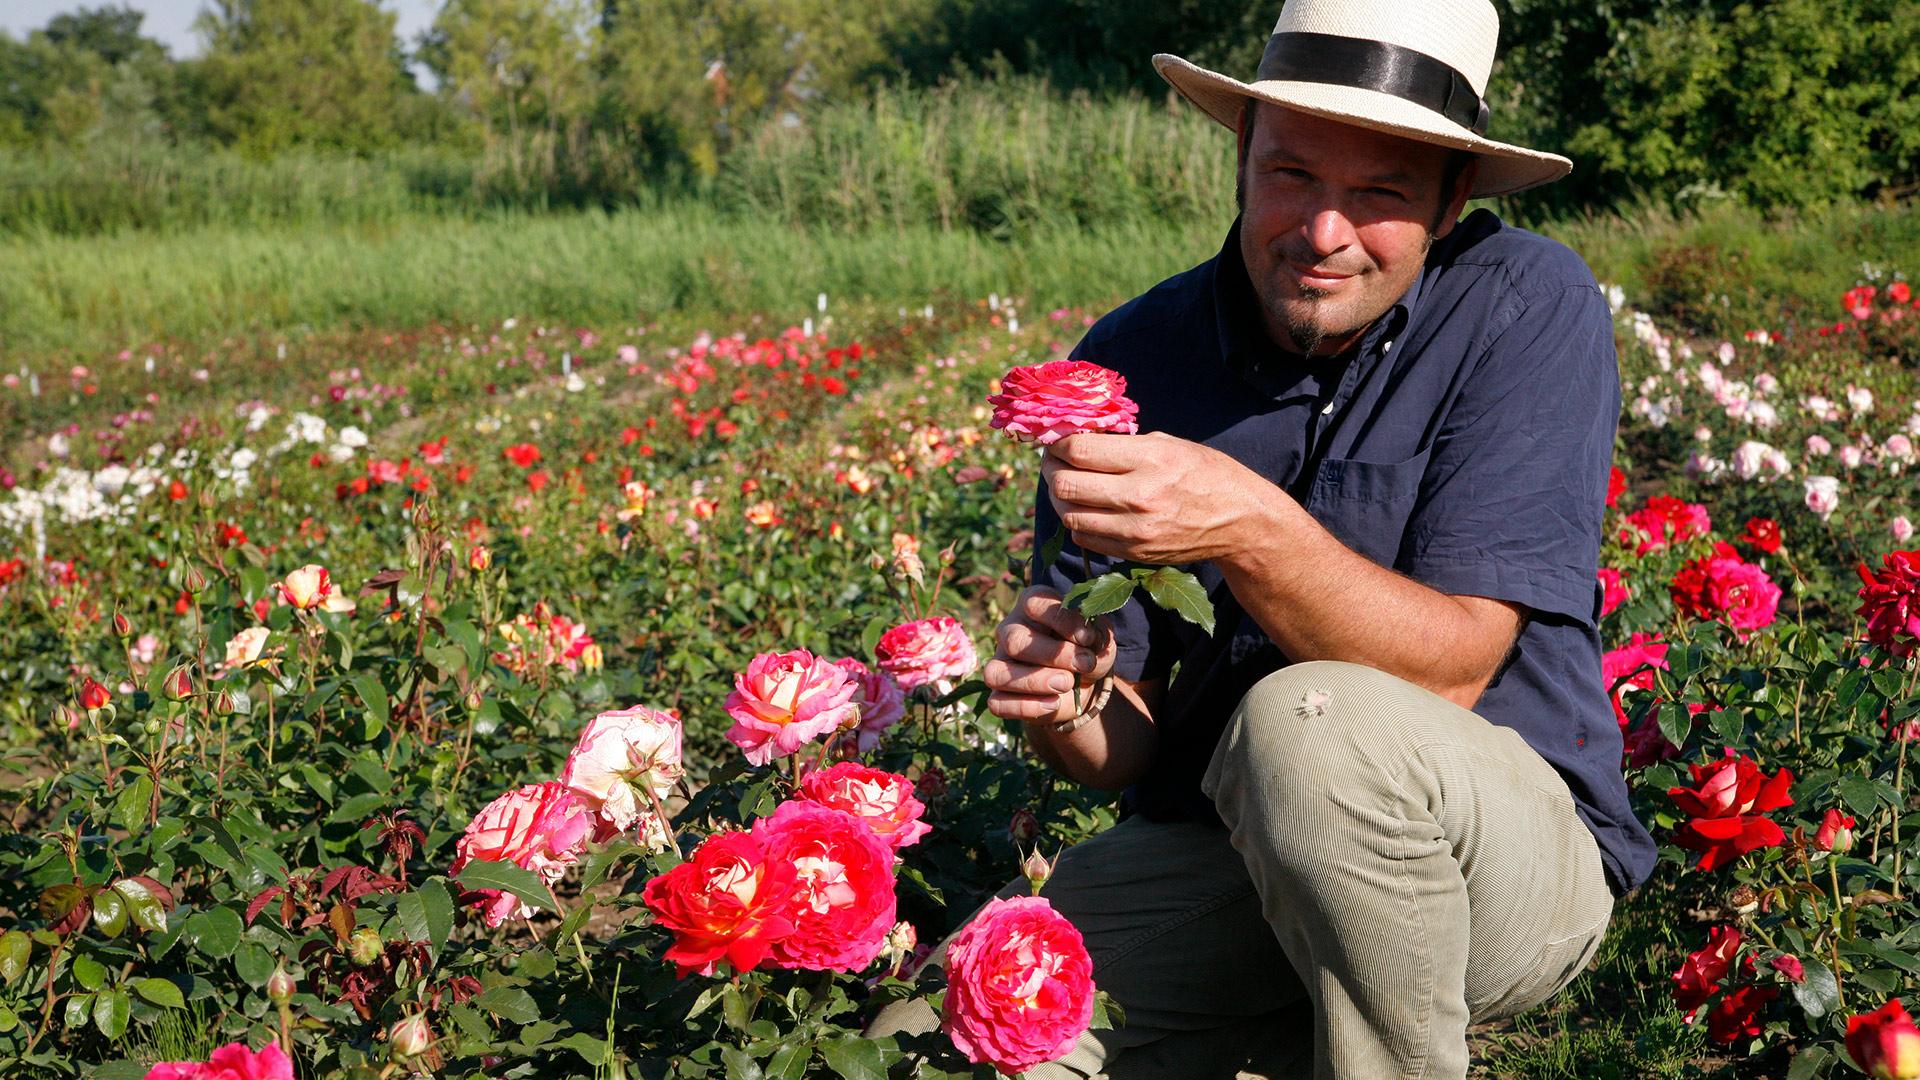 vierl nder rosenhof mehr als 600 verschiedene rosensorten. Black Bedroom Furniture Sets. Home Design Ideas